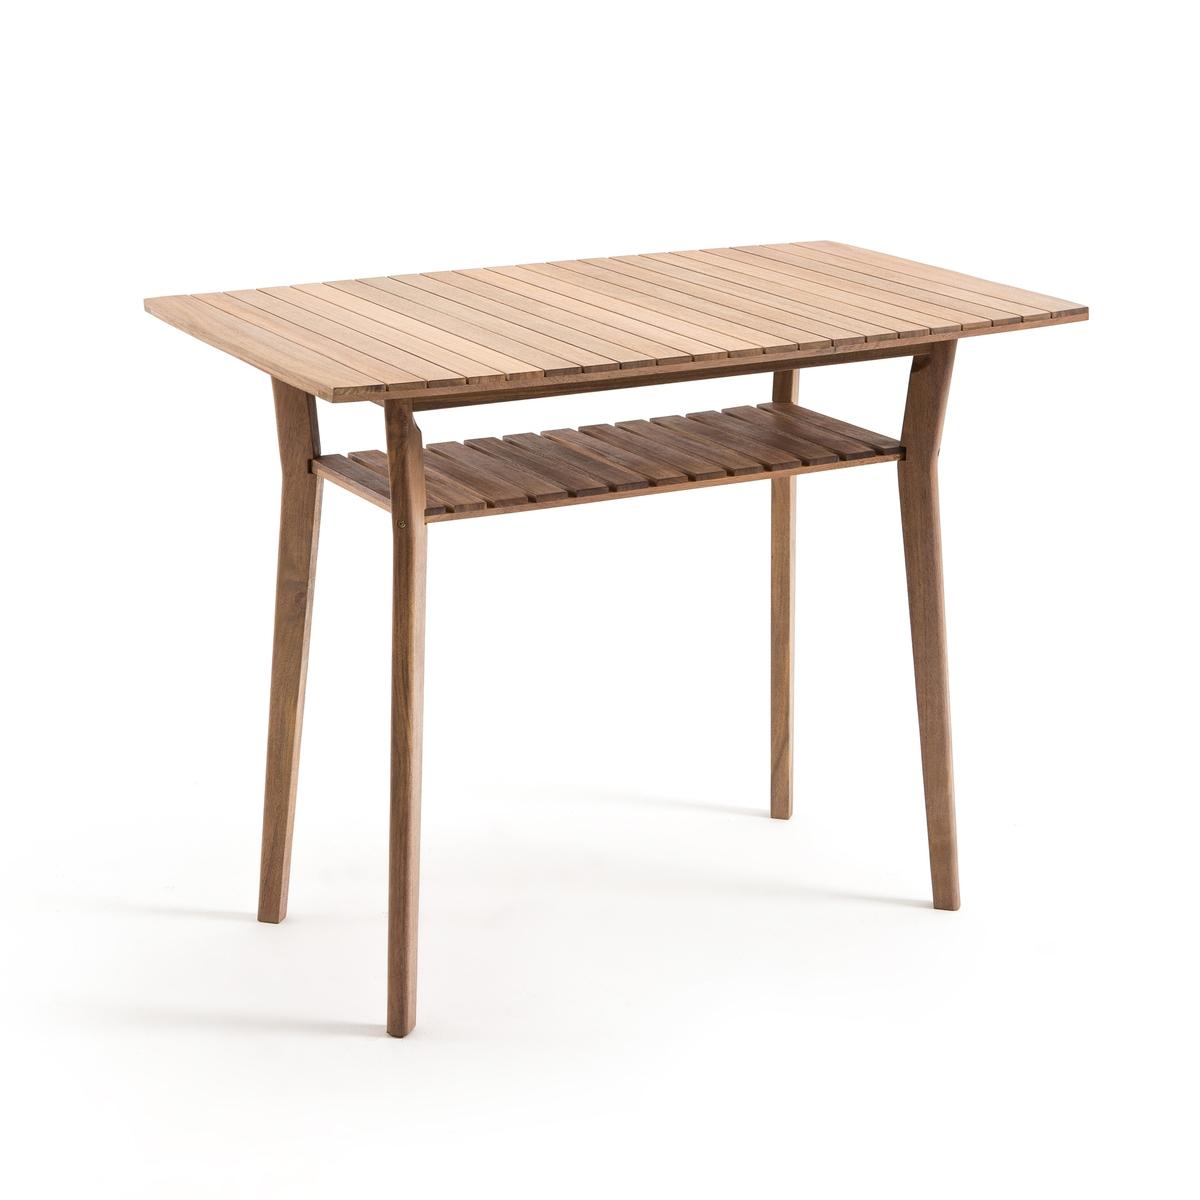 Столик высокий для сада из акации GAYTARA стол для сада из акации fsc caleb